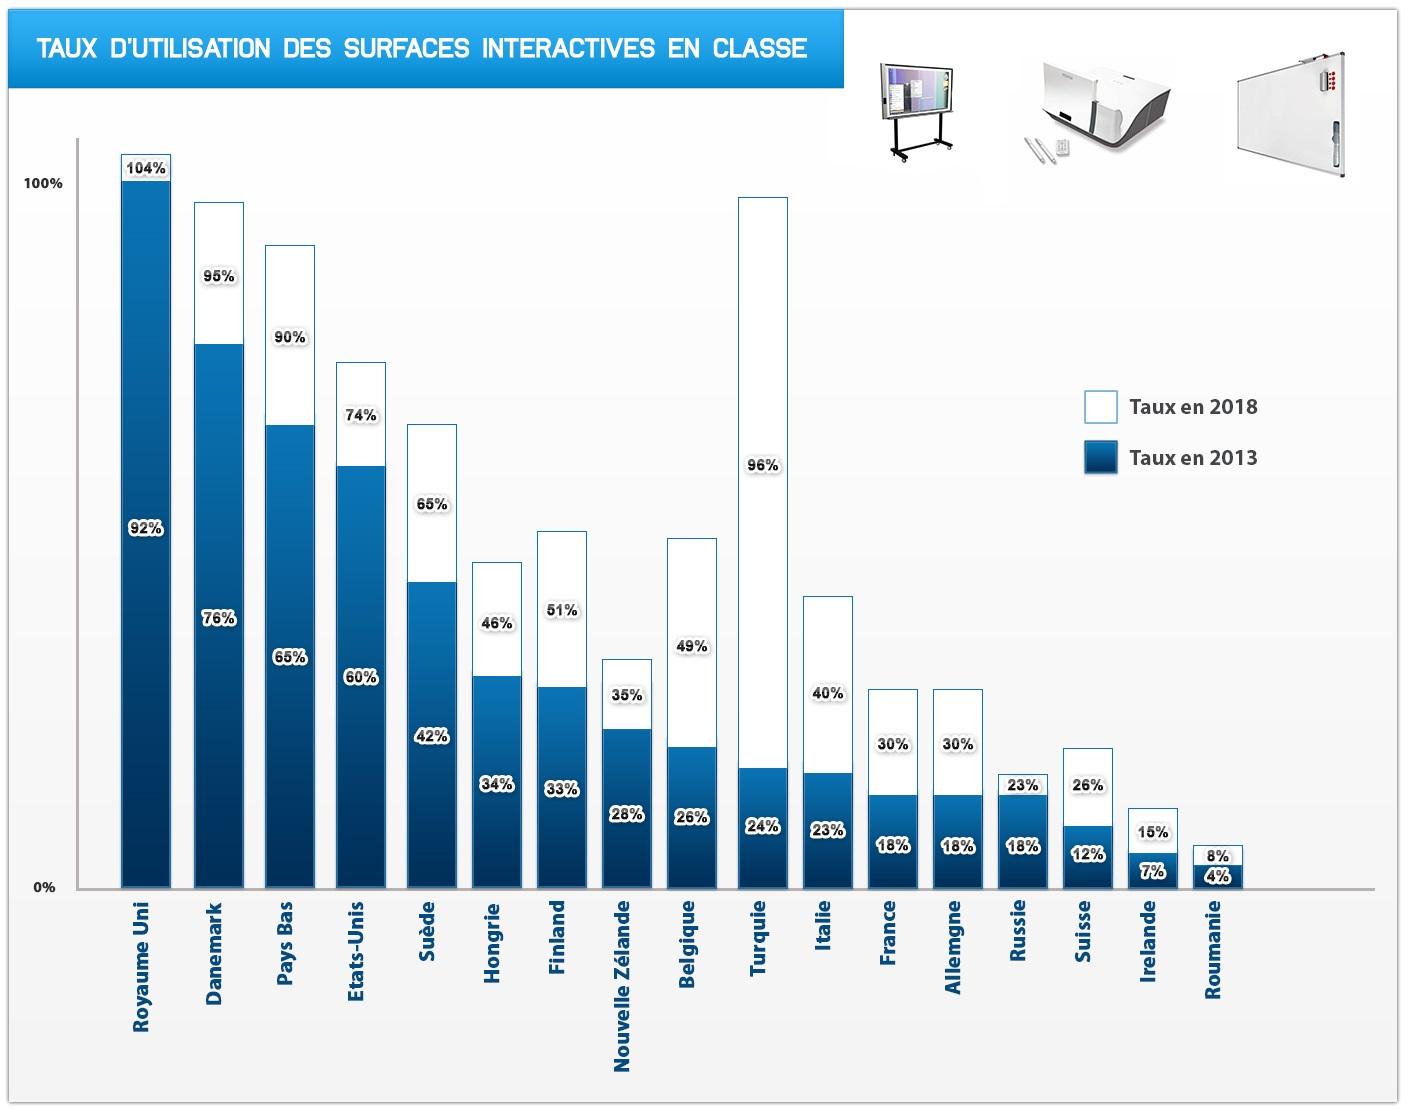 quel est la pourcentage des utilisateurs de tbi en europe